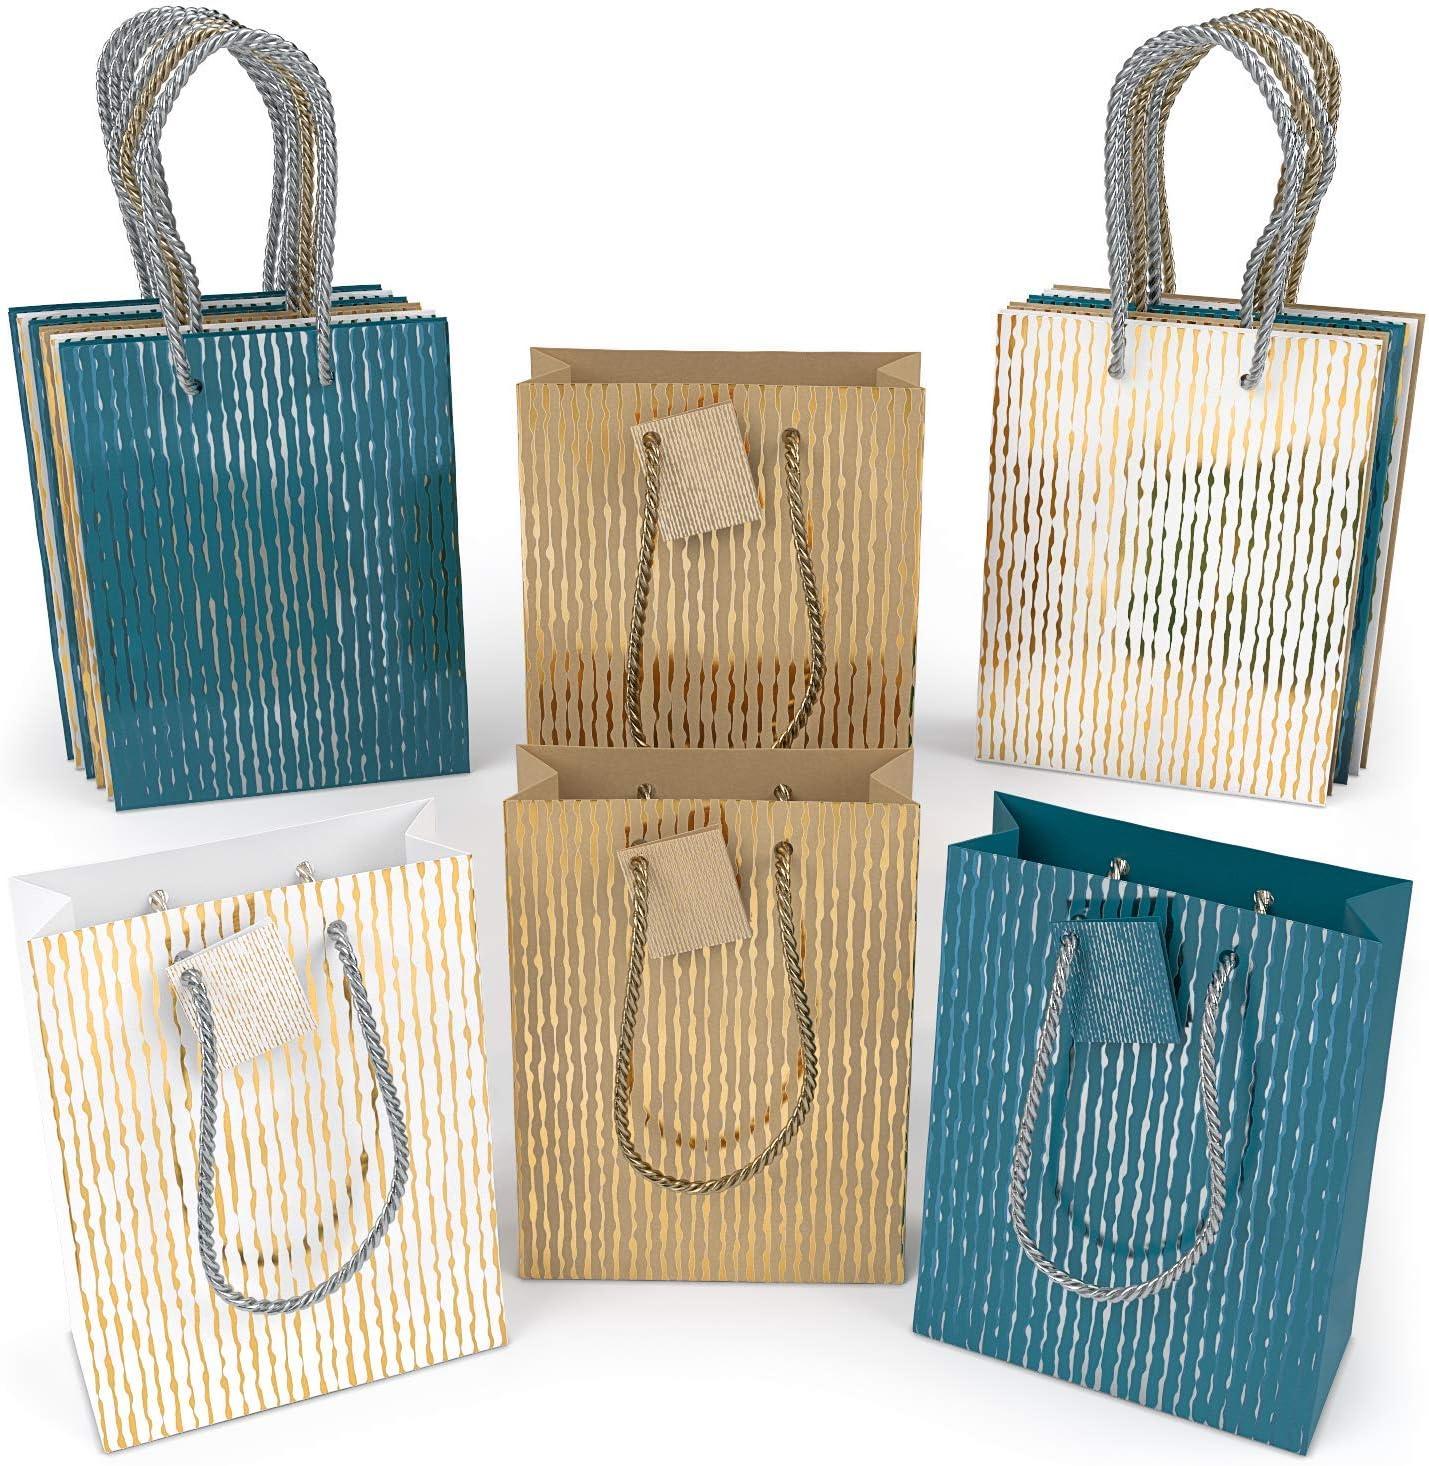 ARTEZA Bolsas de Regalo | 24 x 17.8 x 8.6 cm | Pack de 15 | 3 diseños x 5 | Bolsas de Papel Kraft y de Color | para Regalos de cumpleaños, Bodas y Celebraciones en General